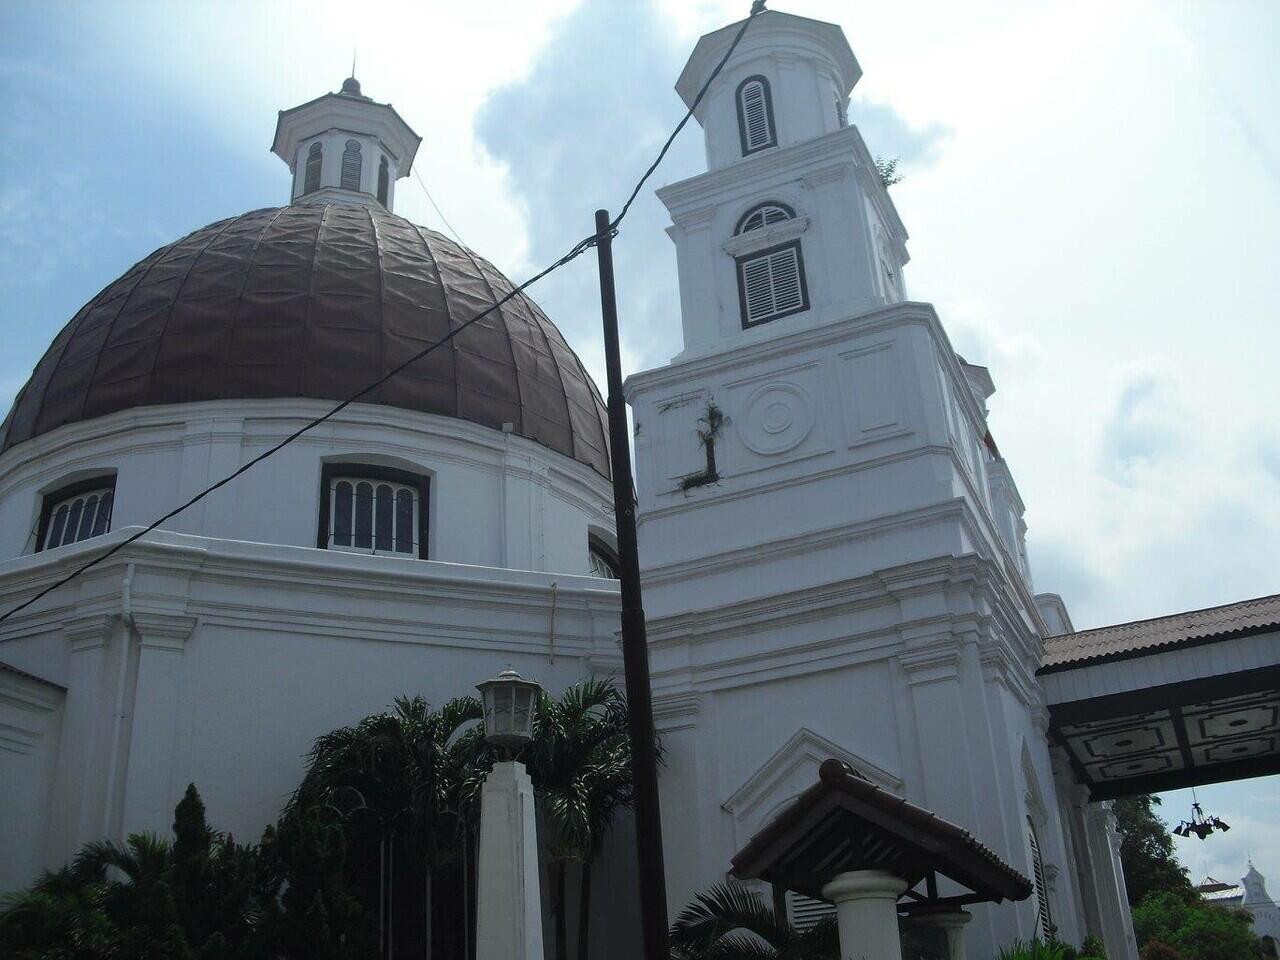 Diserang Ketakutan di Semarang